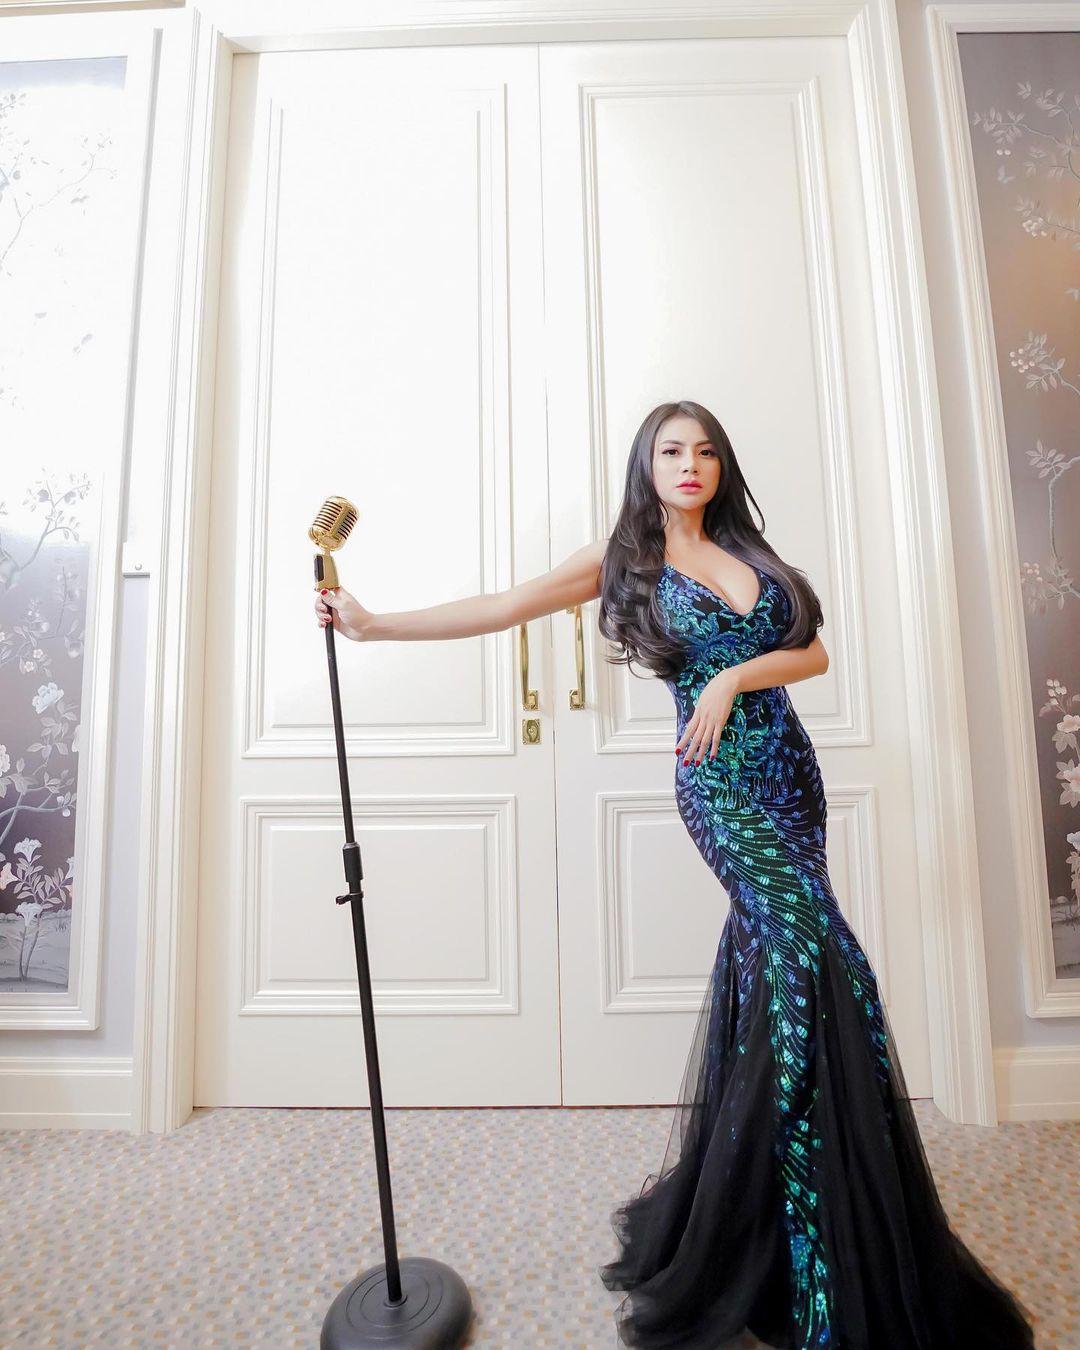 Tisya Erni Rilis Lagu Baru 'Aku Beruntung' yang Menceritakan Kekasih Idaman